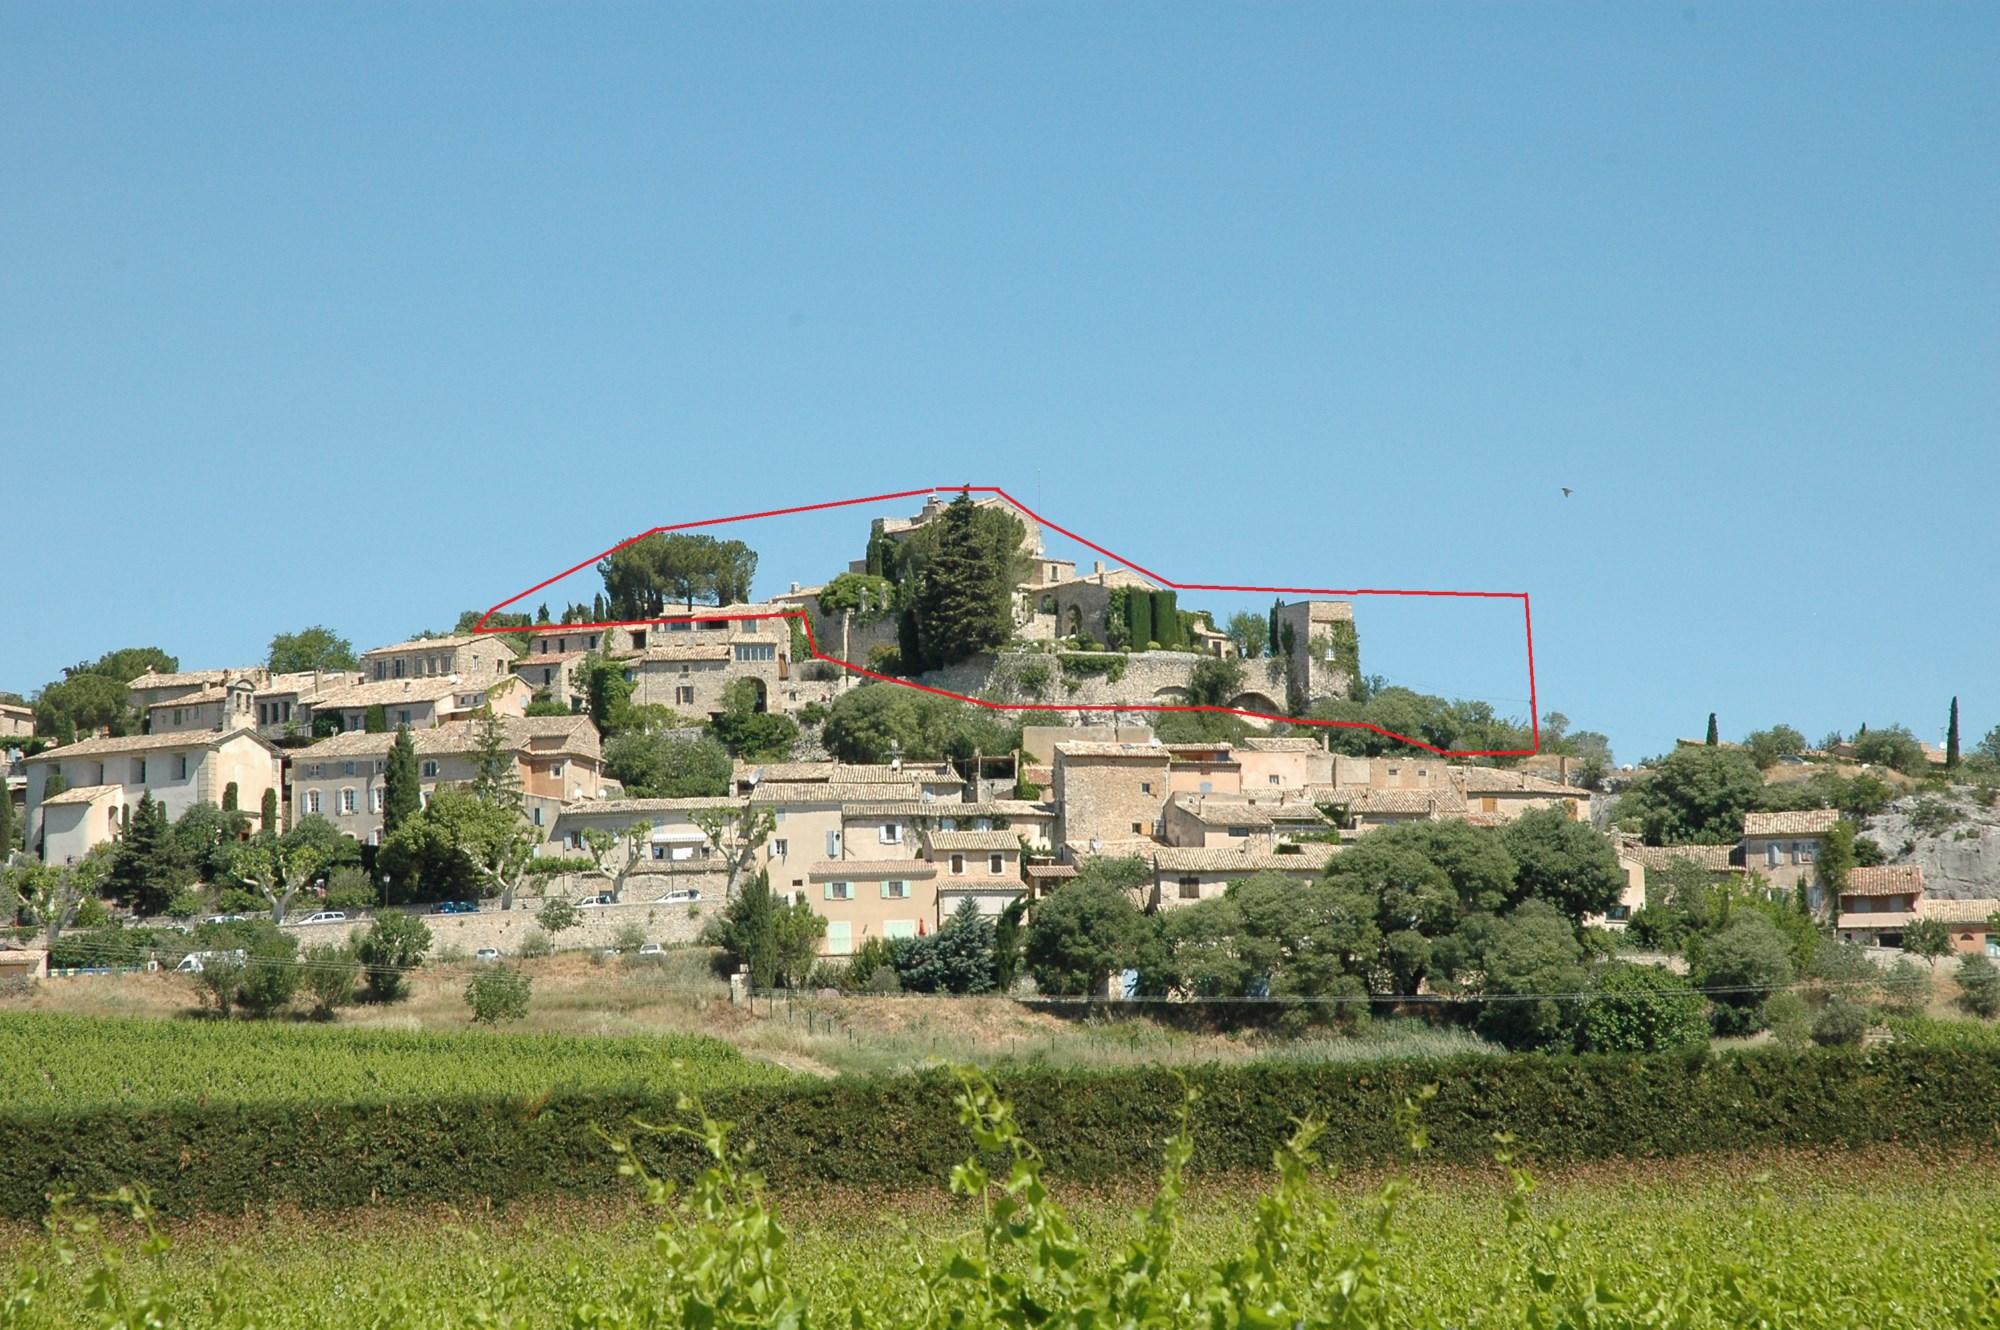 Commanderie des Templiers - Chateau de Joucas vendue par Jean-Christophe ROSIER